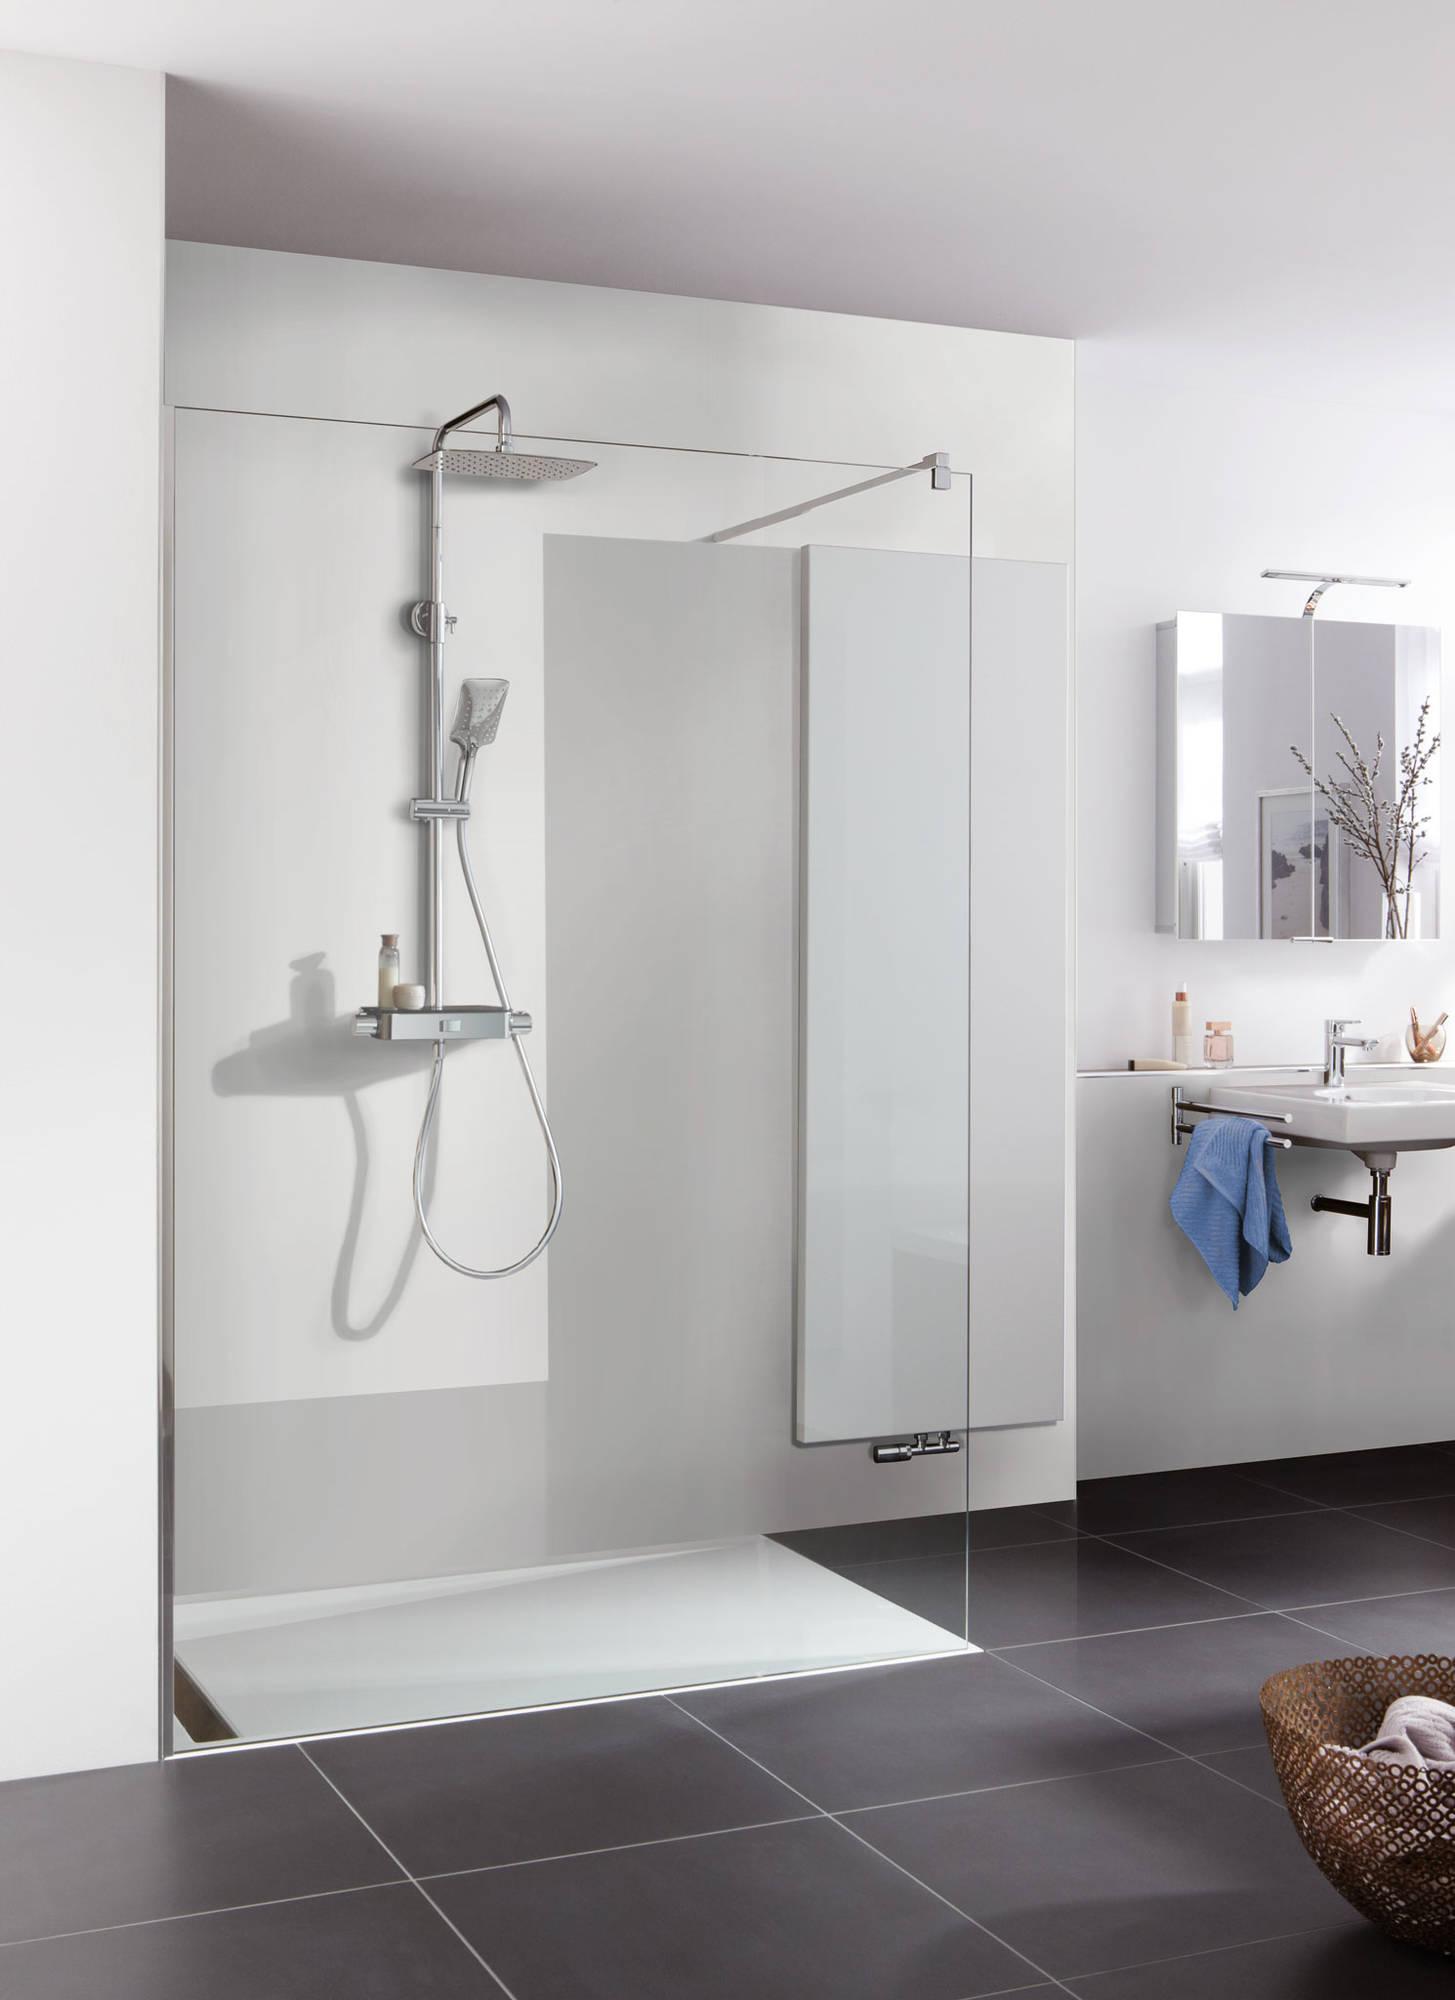 Duschprofi RenoDeco paneel Alu 100x210 cm natuursteen stucwerk-wit